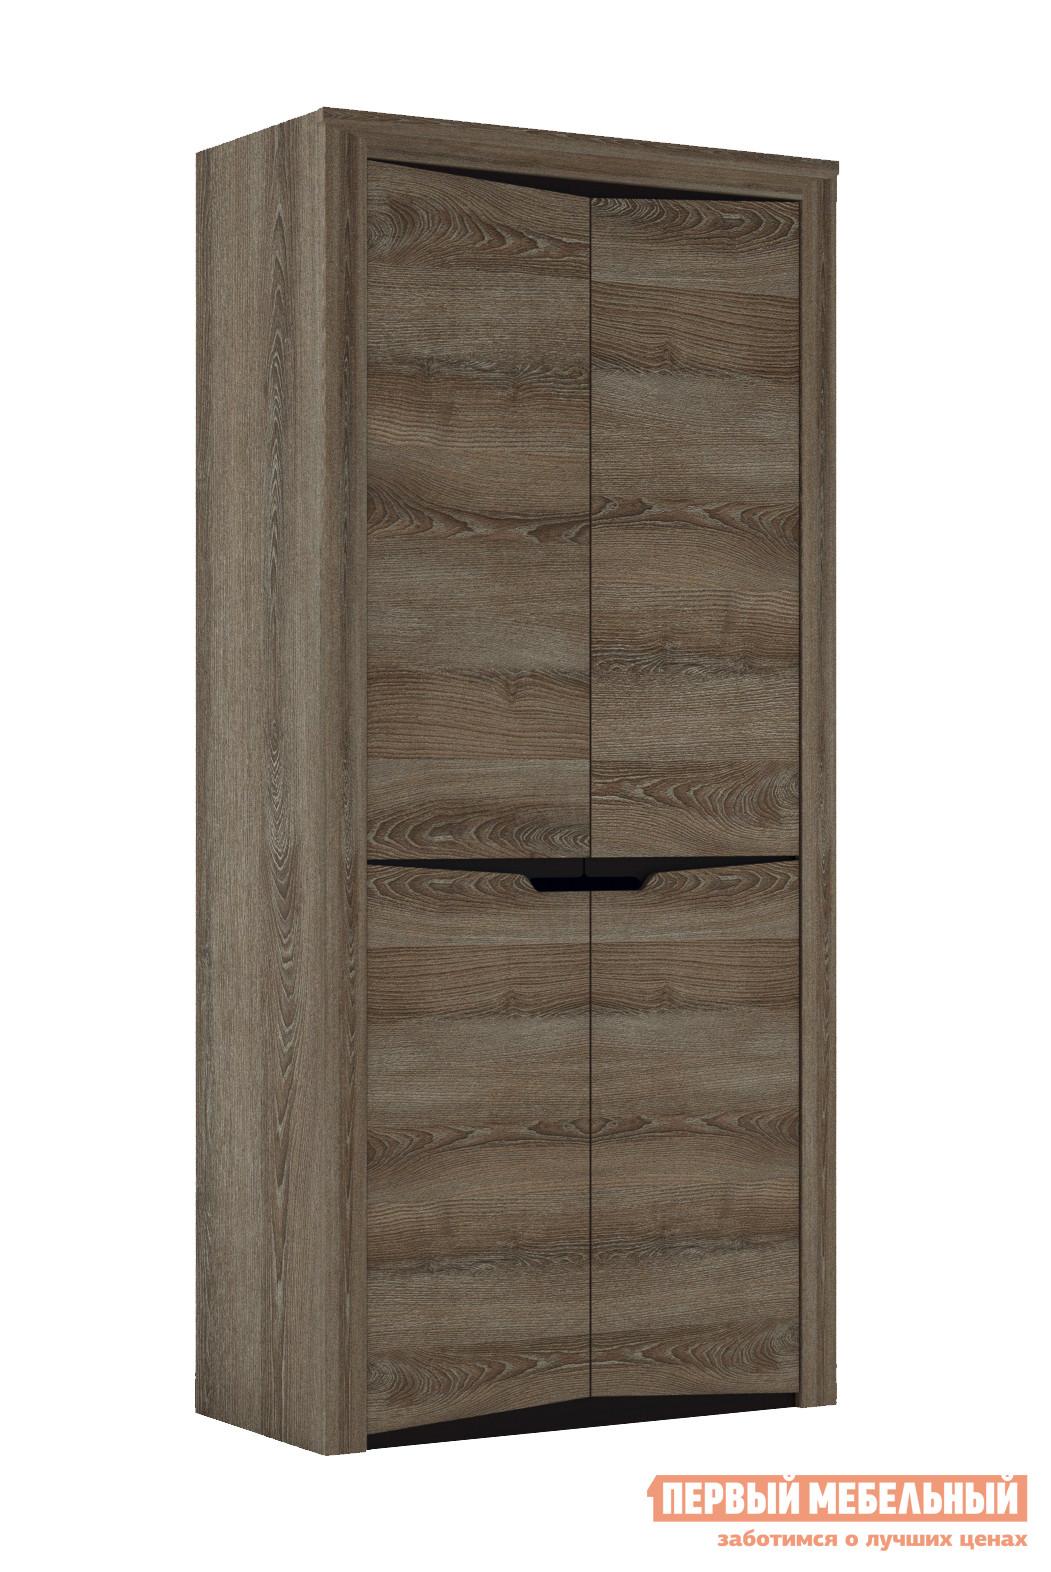 Распашной шкаф  2-х дверный Гарда Ясень Таормино, Без полок СБК 70173